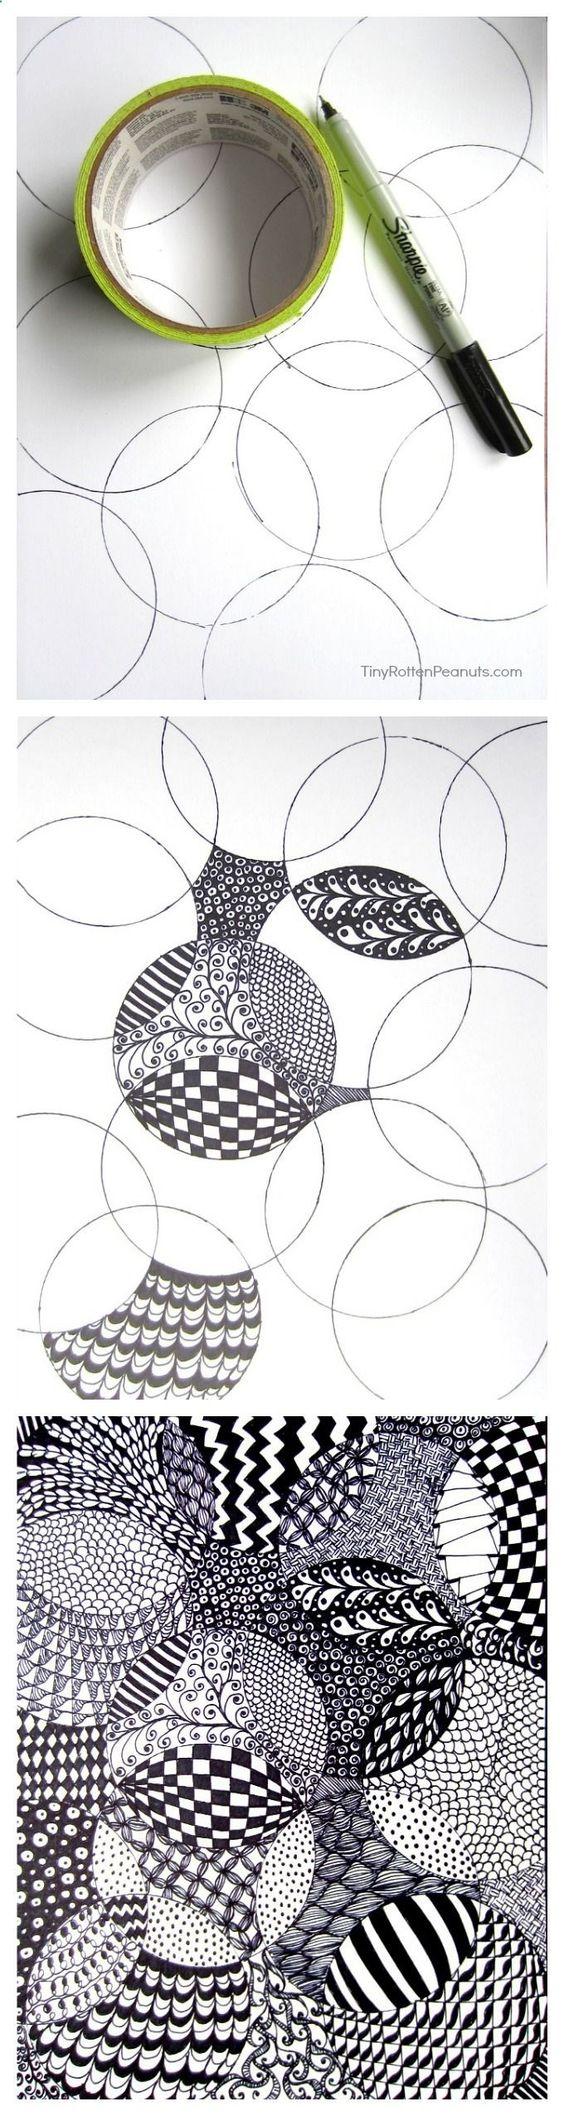 Dibujos súper bacanes y que quiero dibujar